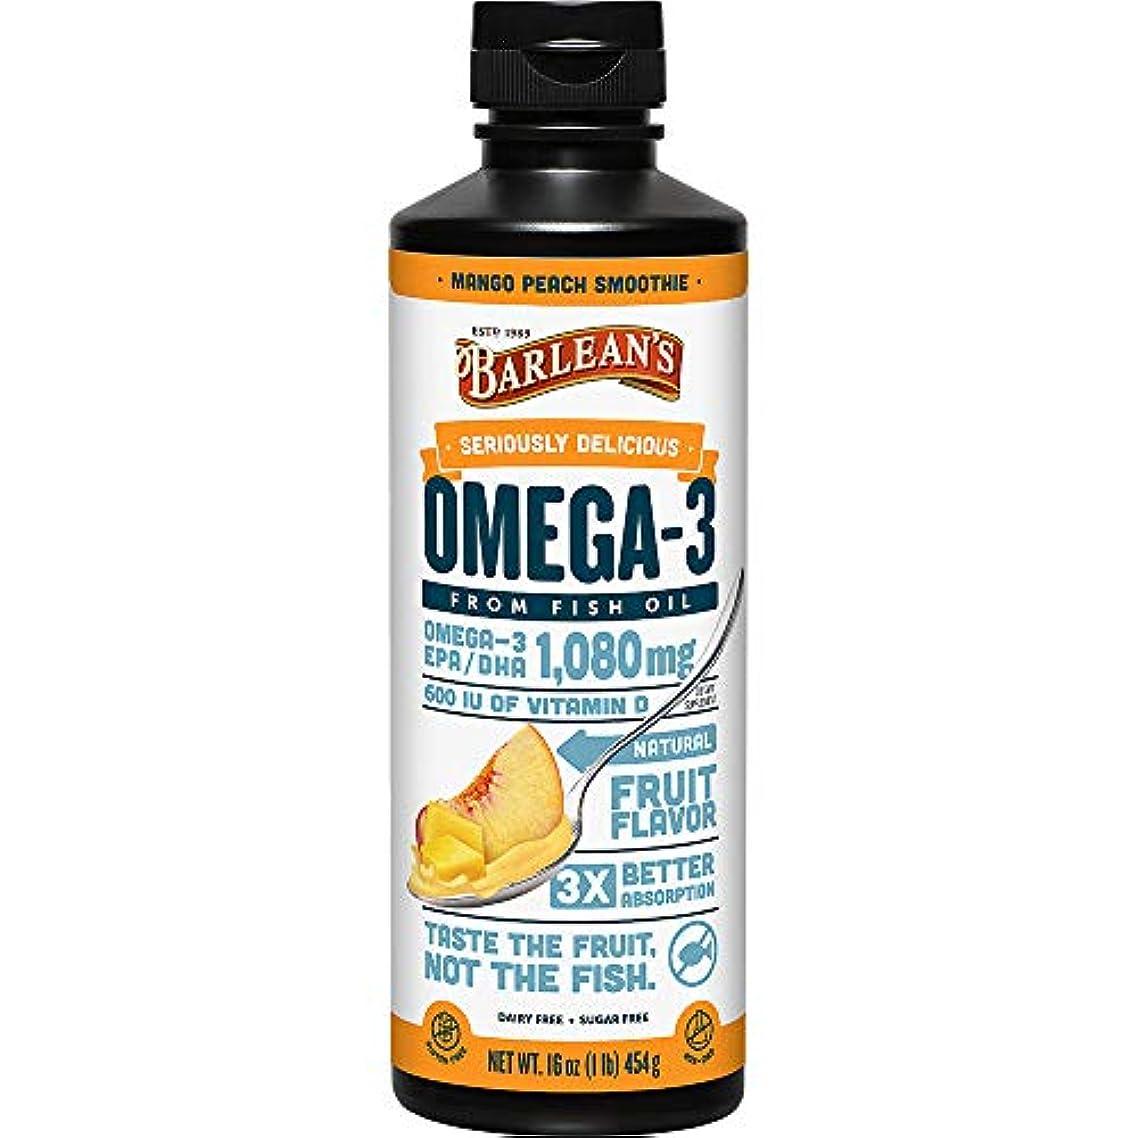 紳士気取りの、きざな微弱反対するBarlean's - Omegaの渦巻Omega-の3 魚オイルのマンゴのモモ - 16ポンド